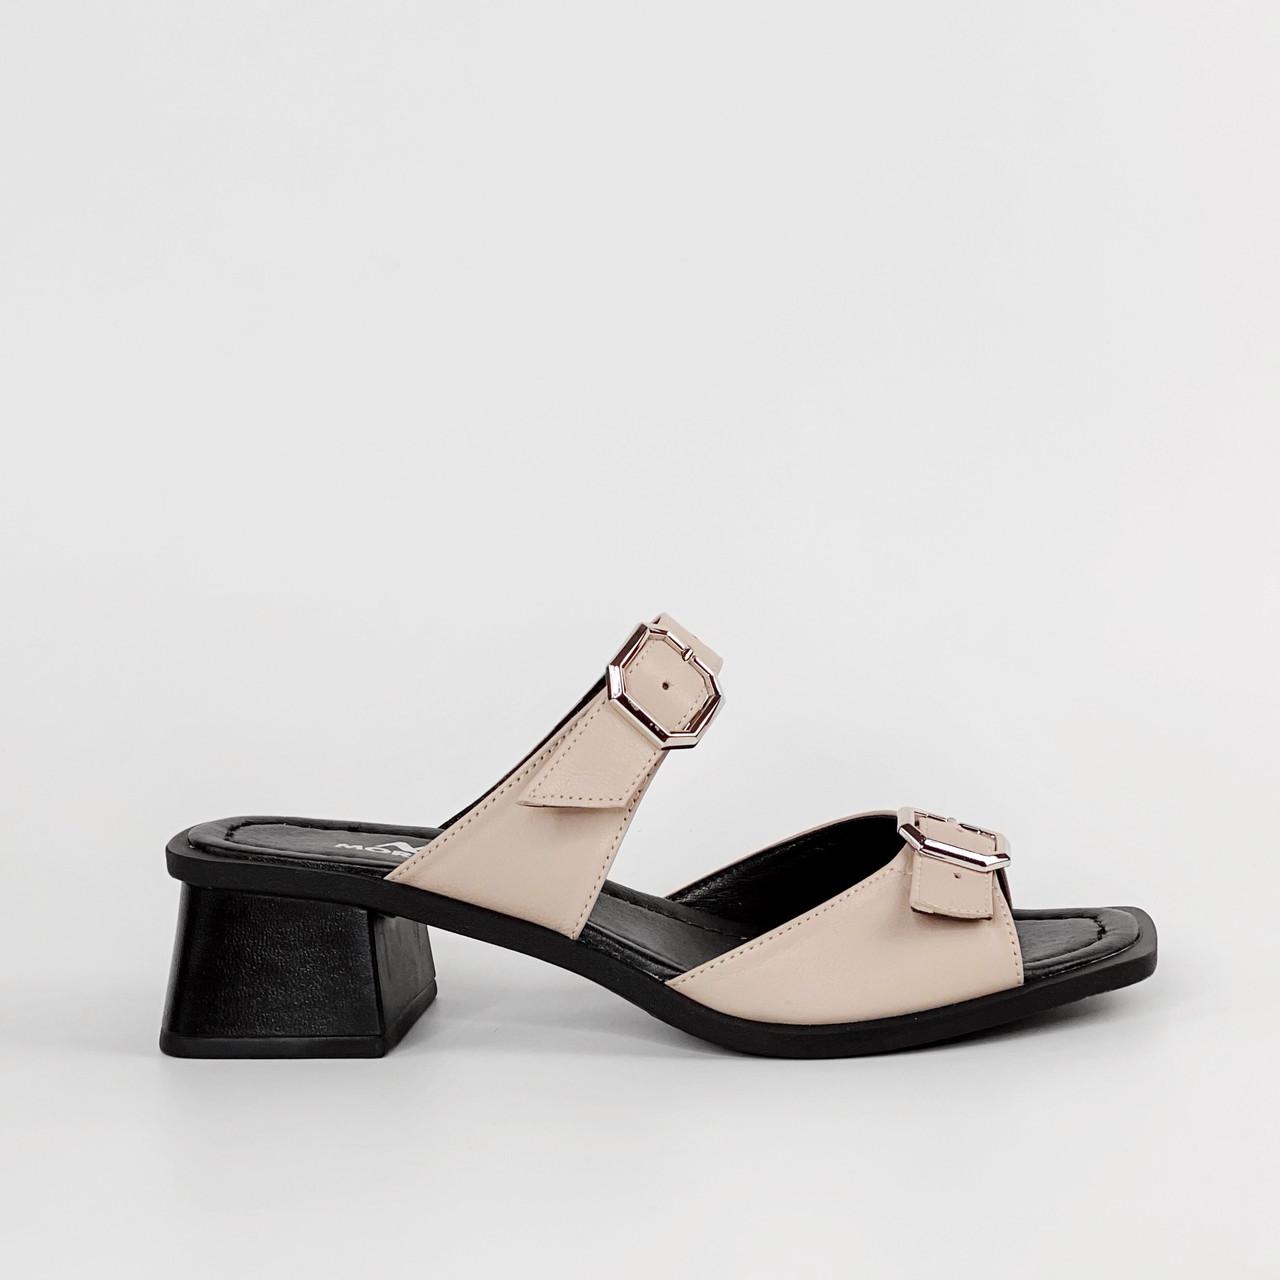 Сабо женские кожаные бежевые на каблуке с пряжками MORENTO